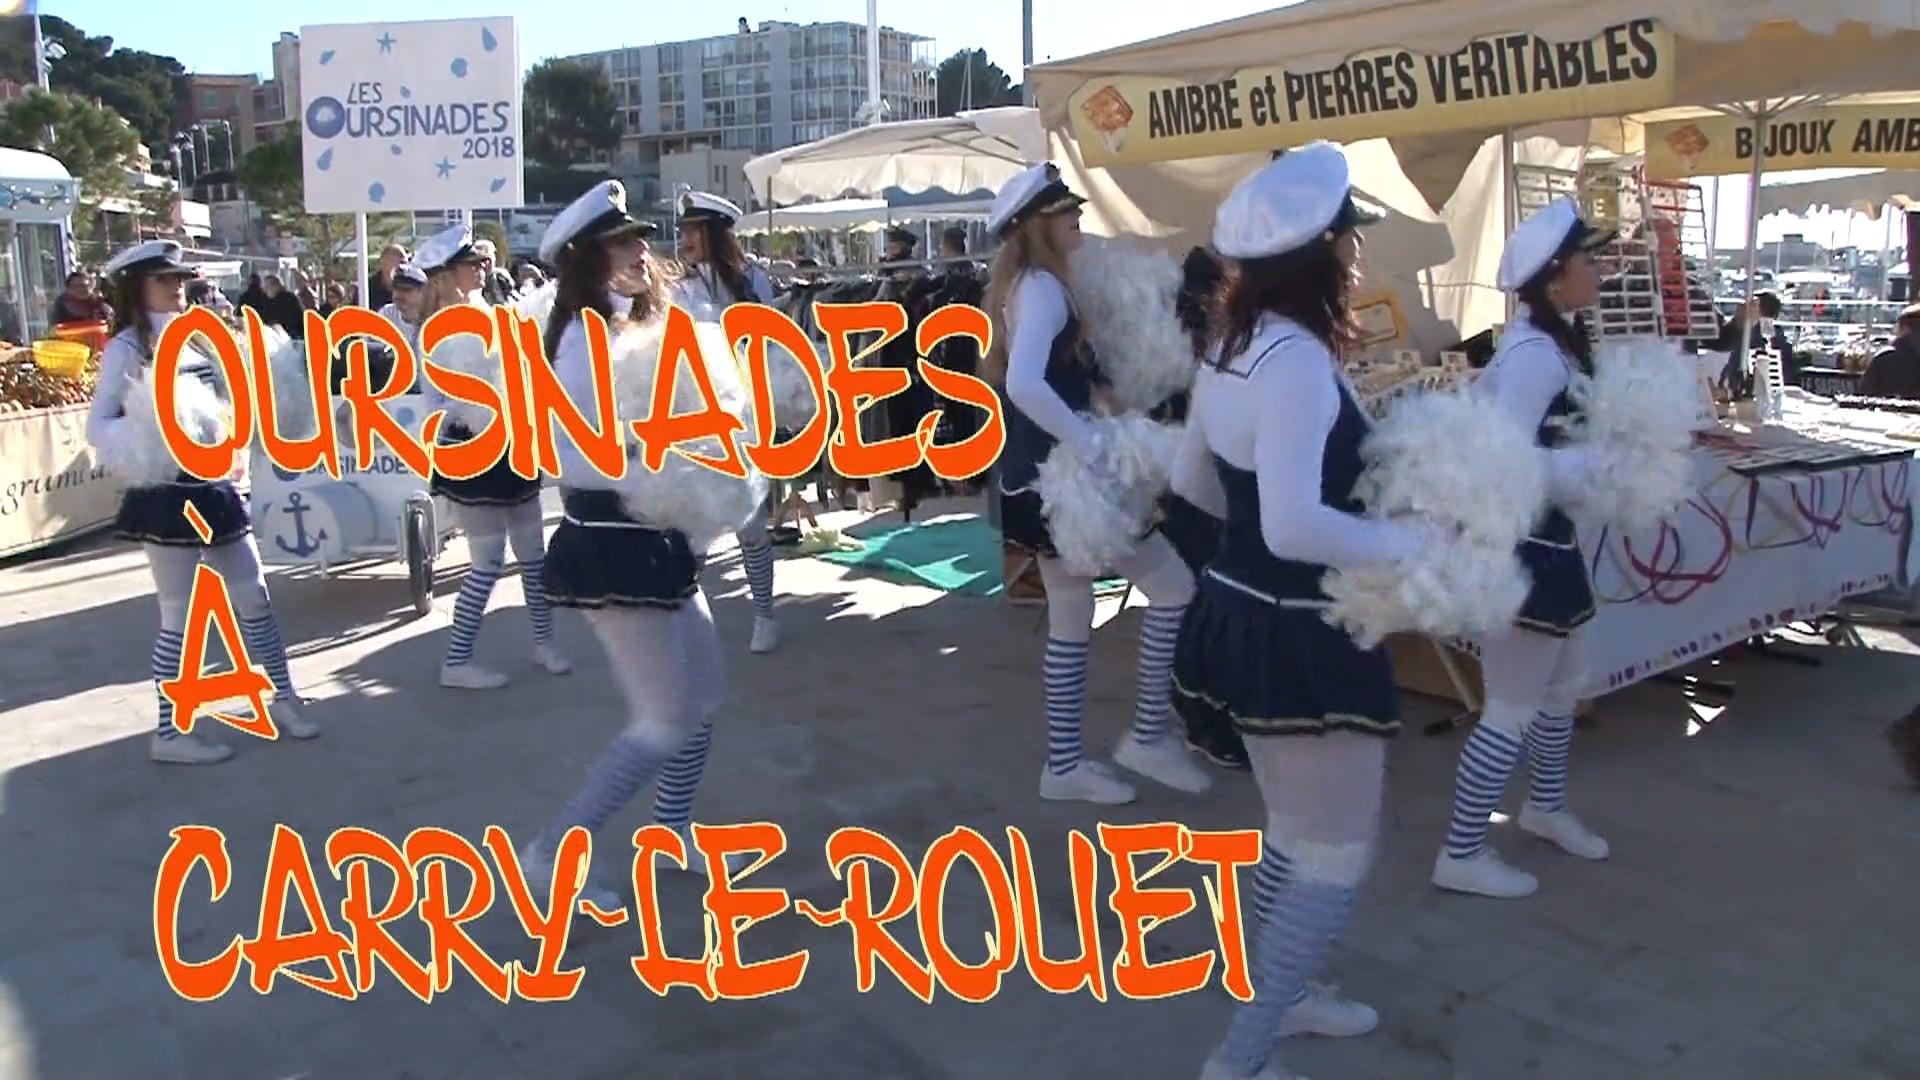 OURSINADES A CARRY-LE-ROUET